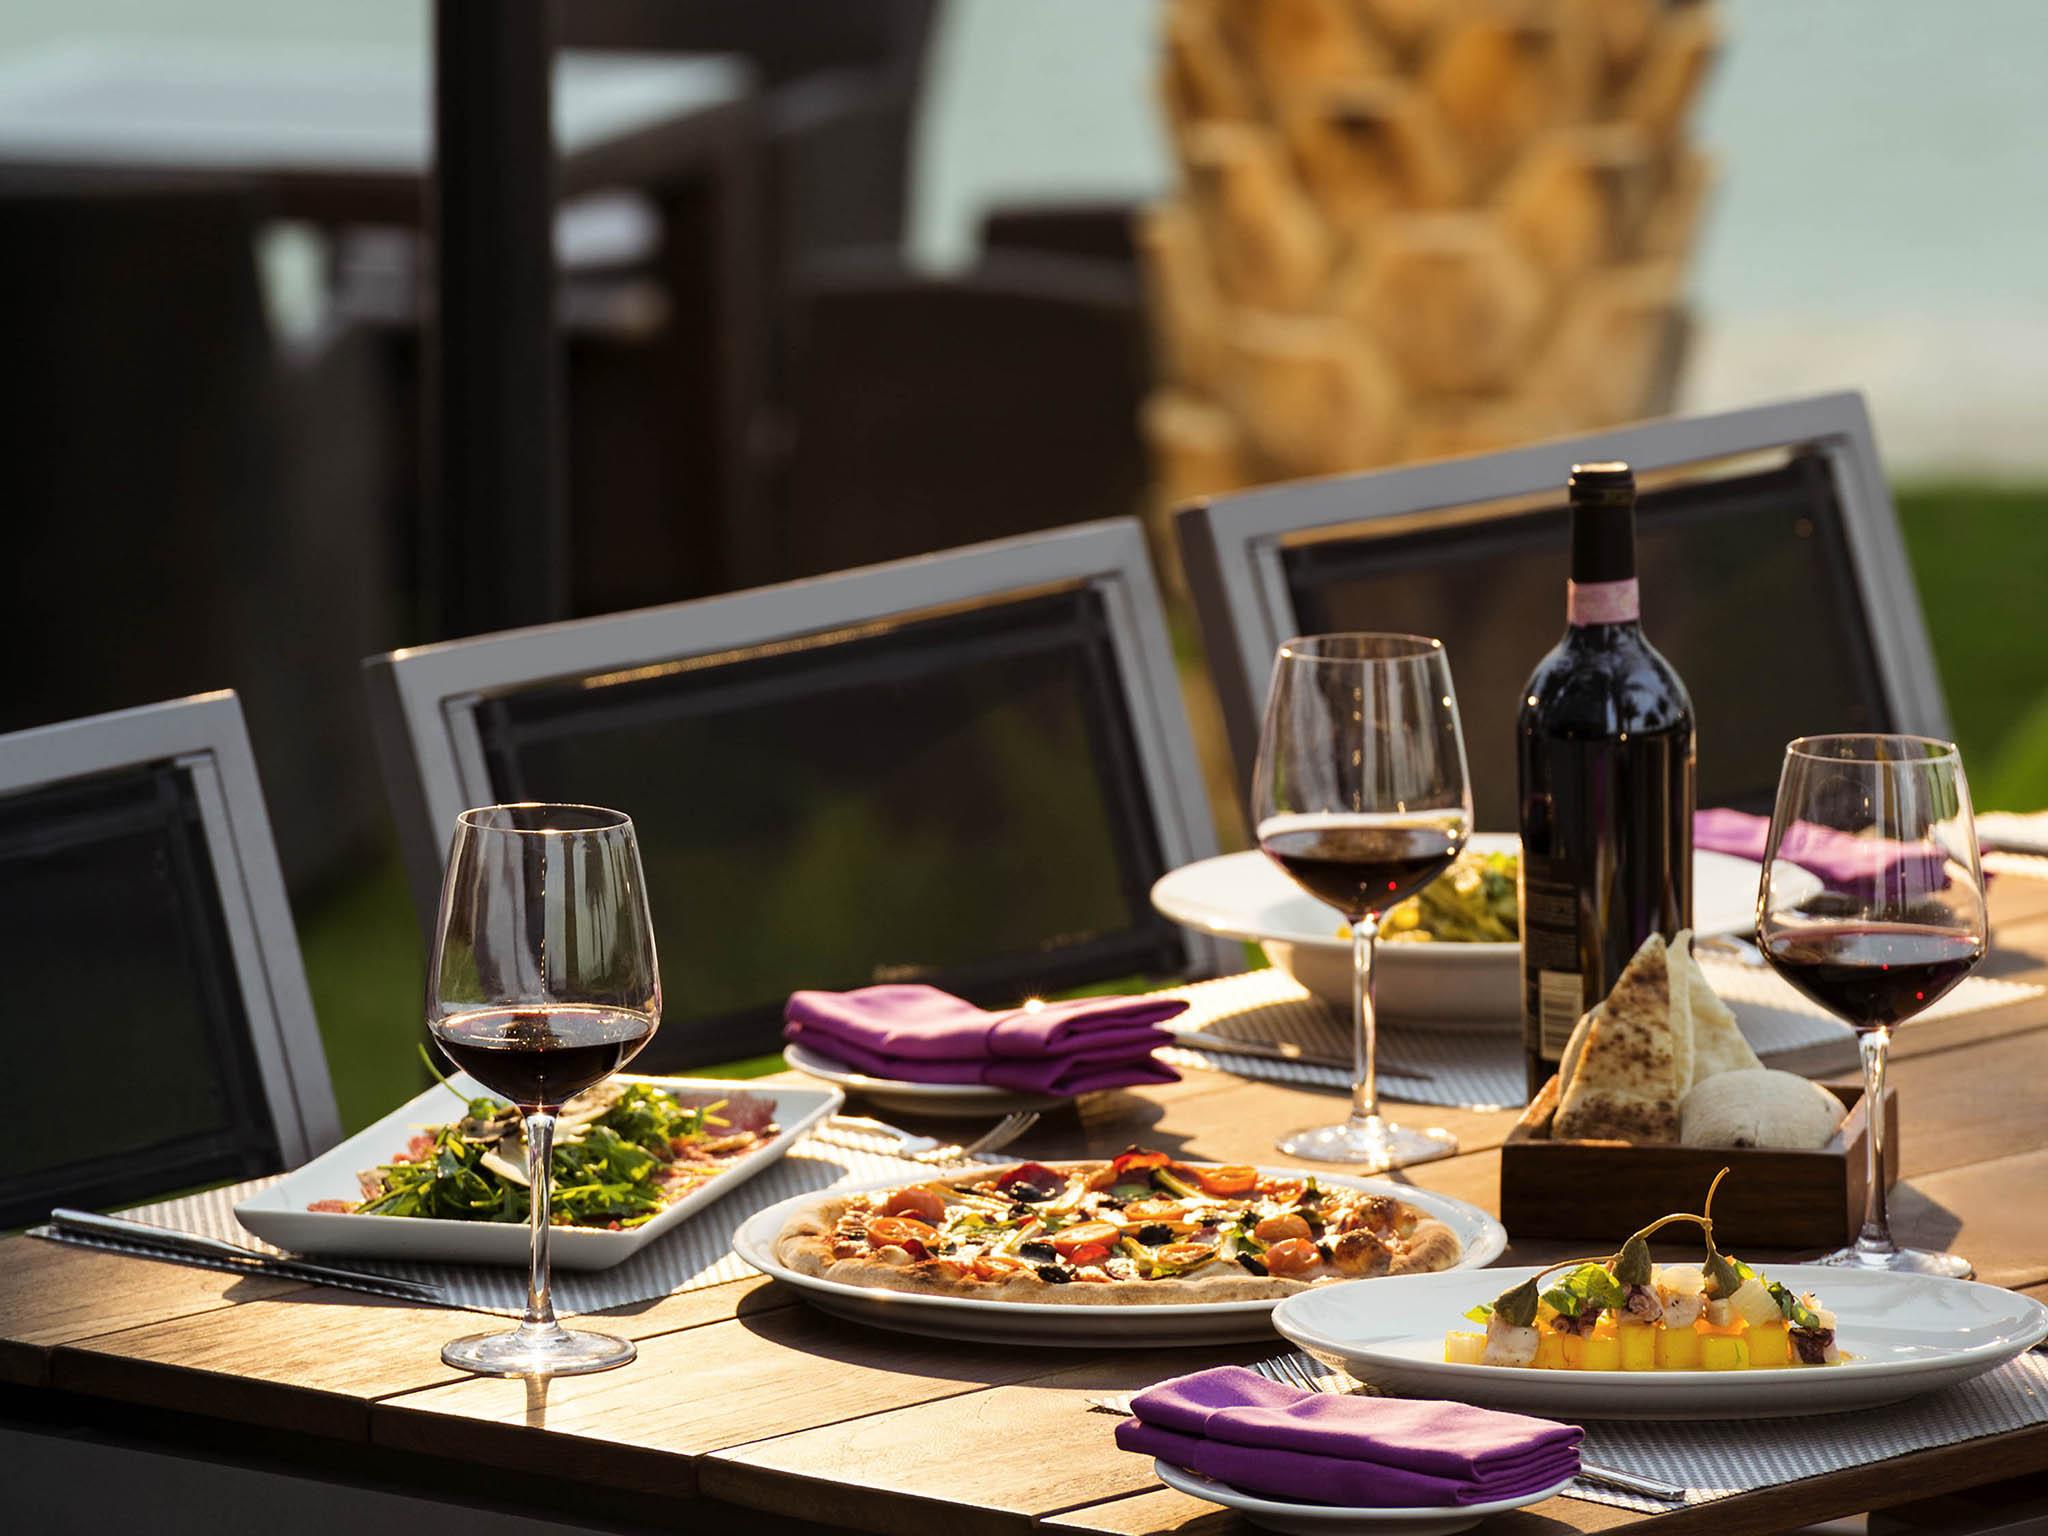 6949_rs_01_p_2048x1536 Incroyable De Table Bar Cuisine Conception